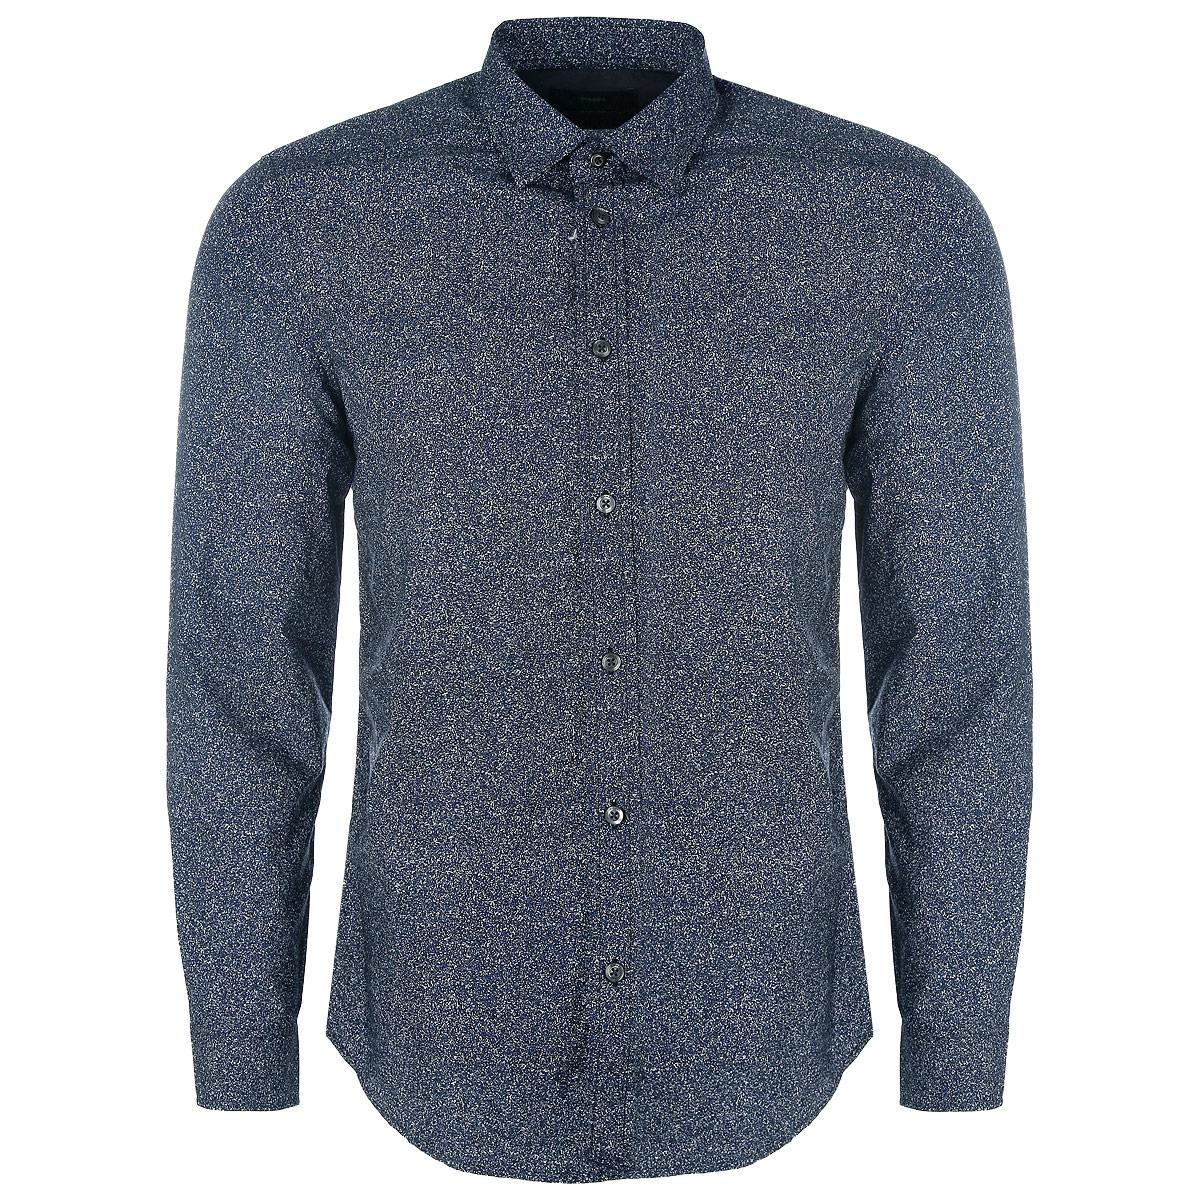 Рубашка мужская. 00SJQJ-0KAIO/81E00SJQJ-0KAIO/81EЭлегантная мужская рубашка Diesel станет прекрасным дополнением к вашему гардеробу. Рубашка выполнена из натурального хлопка, обладает высокой теплопроводностью, воздухопроницаемостью и гигроскопичностью, позволяет коже дышать, тем самым обеспечивая наибольший комфорт при носке даже жарким летом. Модель силуэта slim-fit с длинными рукавами, полукруглым низом и отложным воротником застегивается на пуговицы. Рукава дополнены широкими манжетами на пуговицах. Такая рубашка будет дарить вам комфорт в течение всего дня.